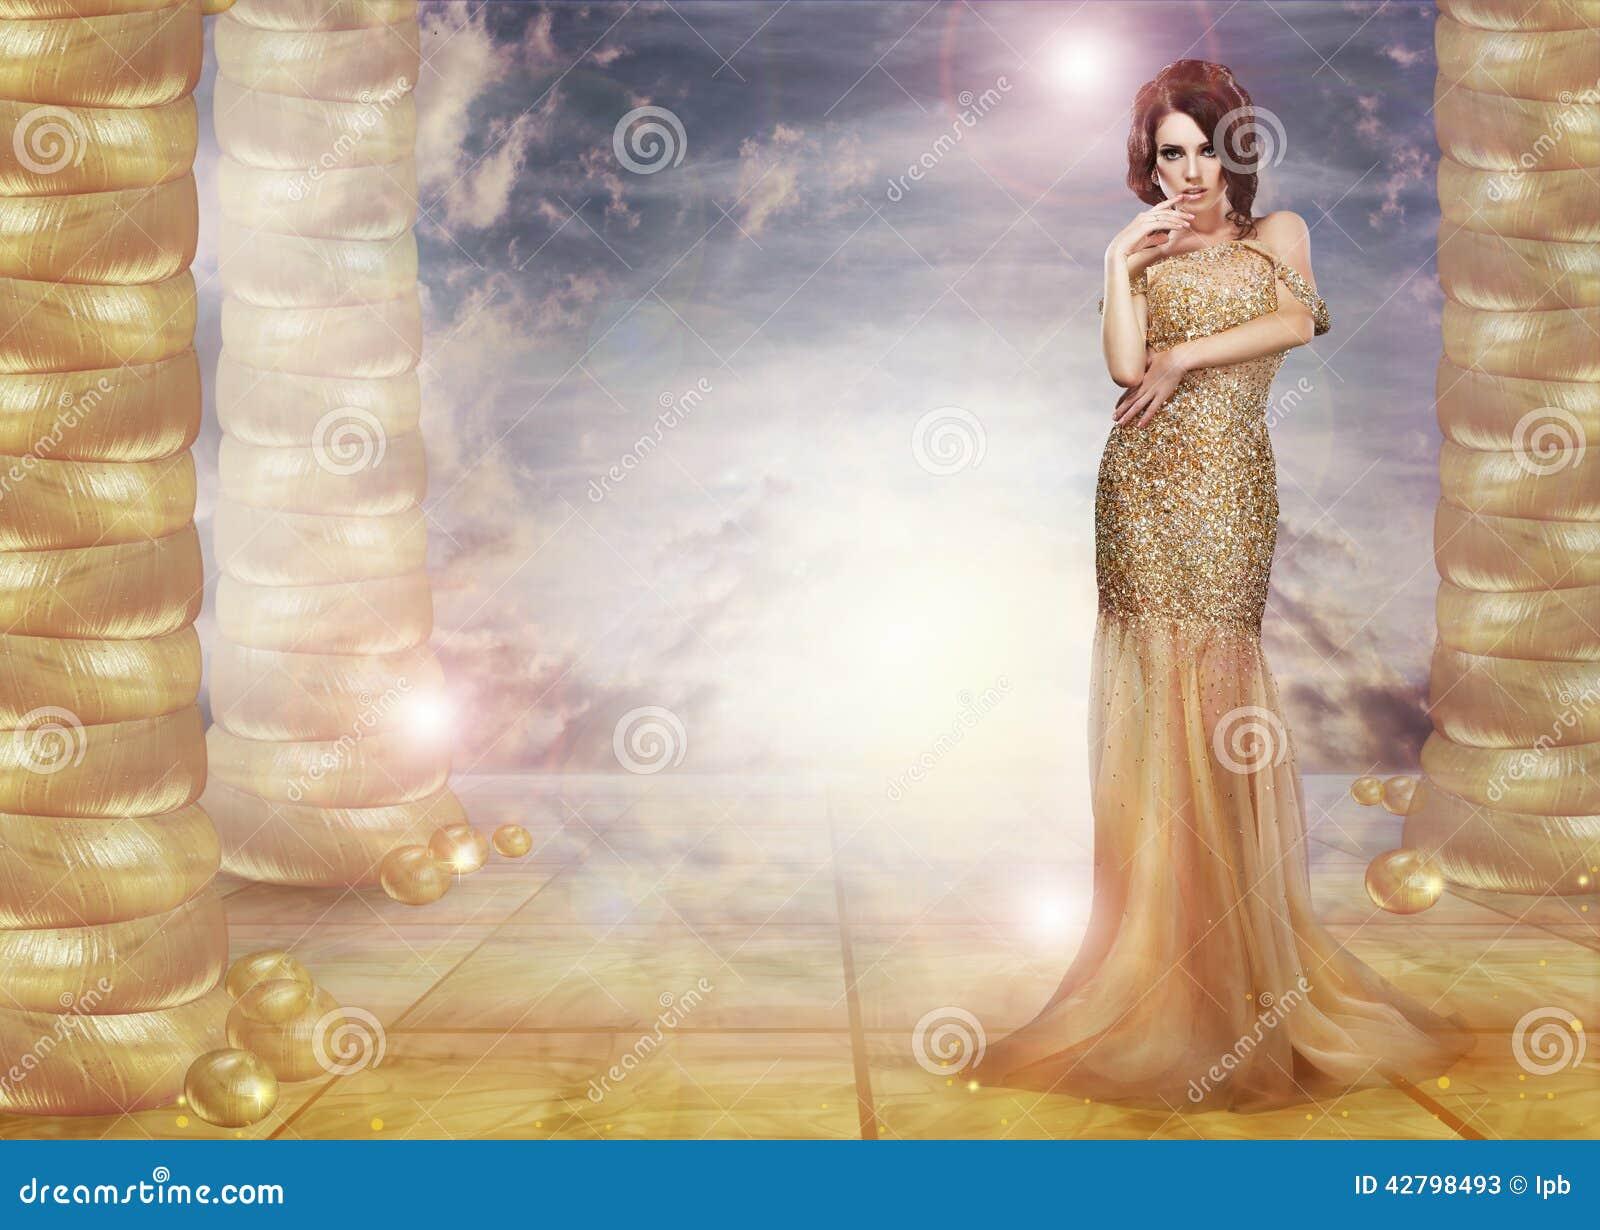 фантазия glam Маня дама в стильном платье над абстрактной предпосылкой